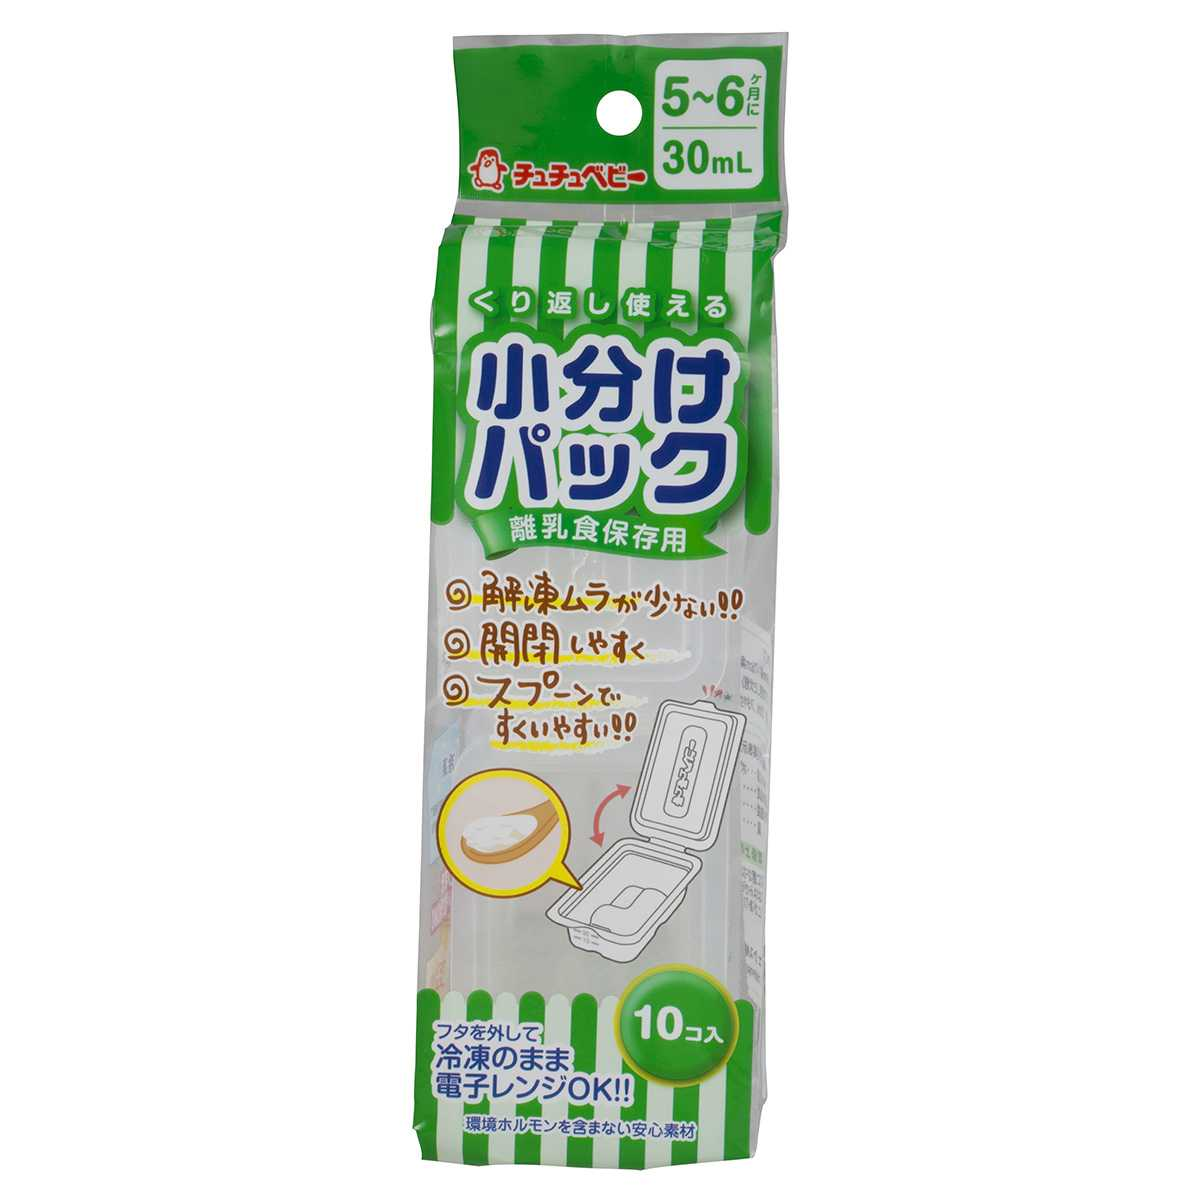 チュチュベビー 小分けパック 【30ml】 [10個入]